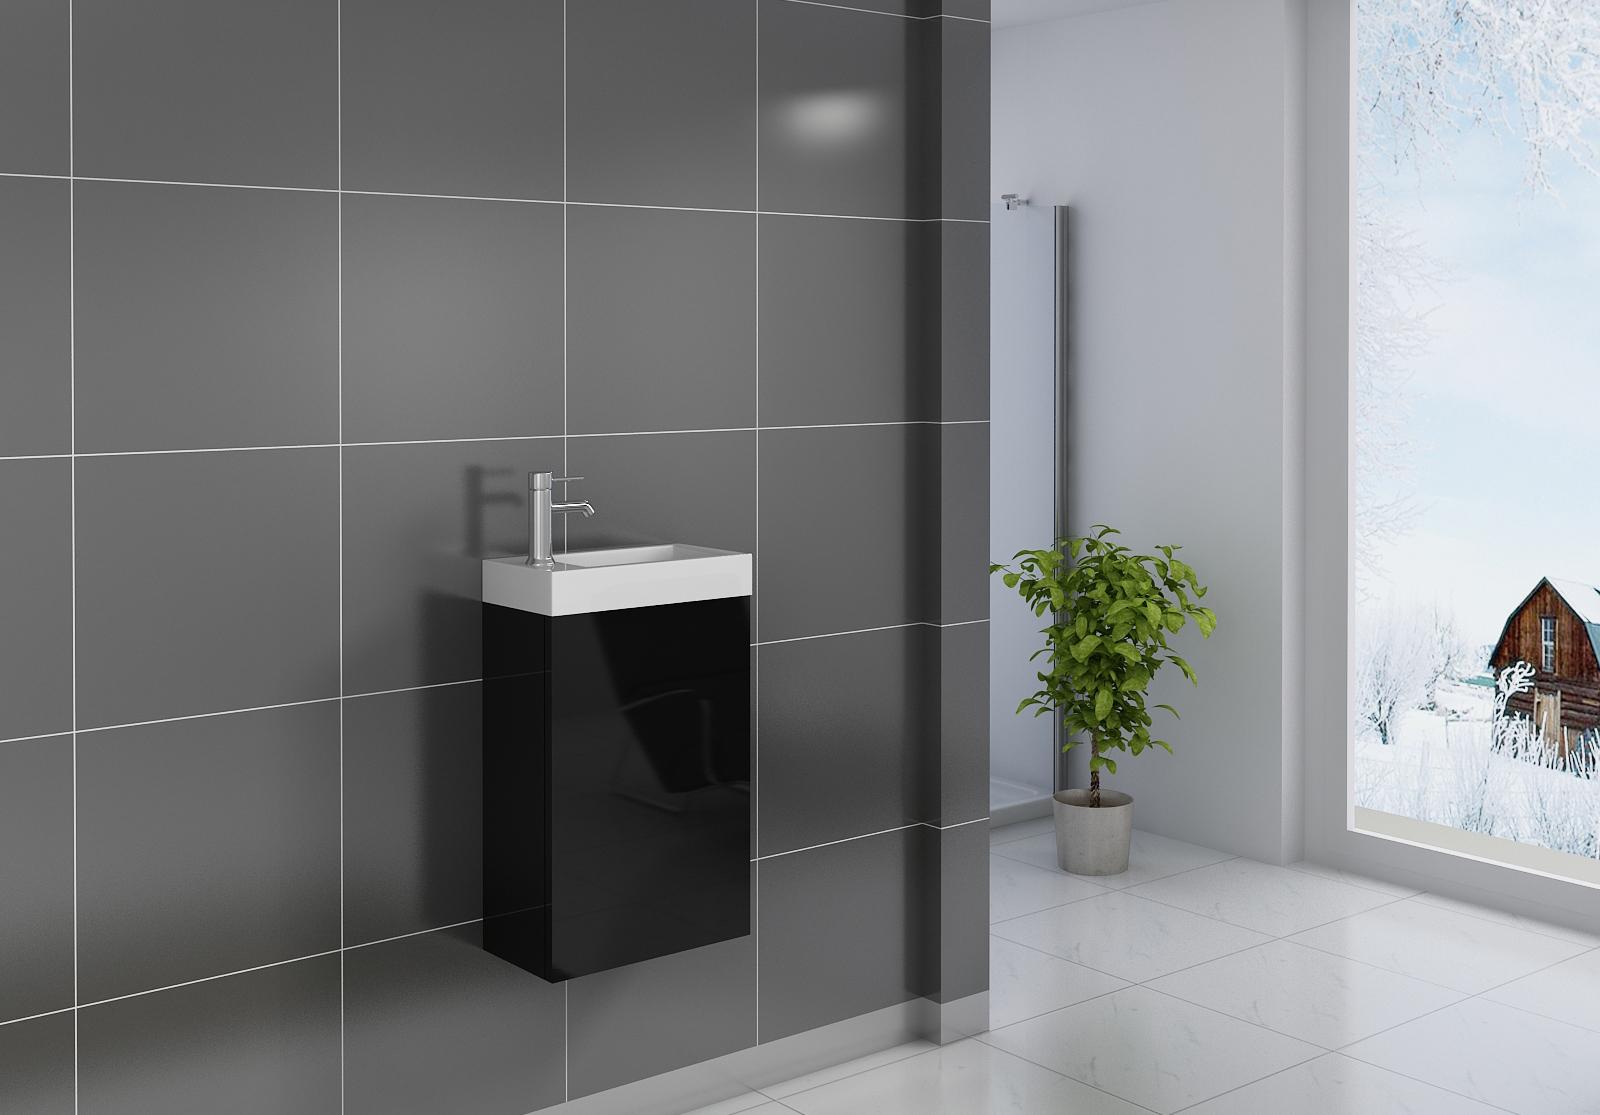 Gäste-WC Waschbecken 40 x 22 cm schwarz Vega